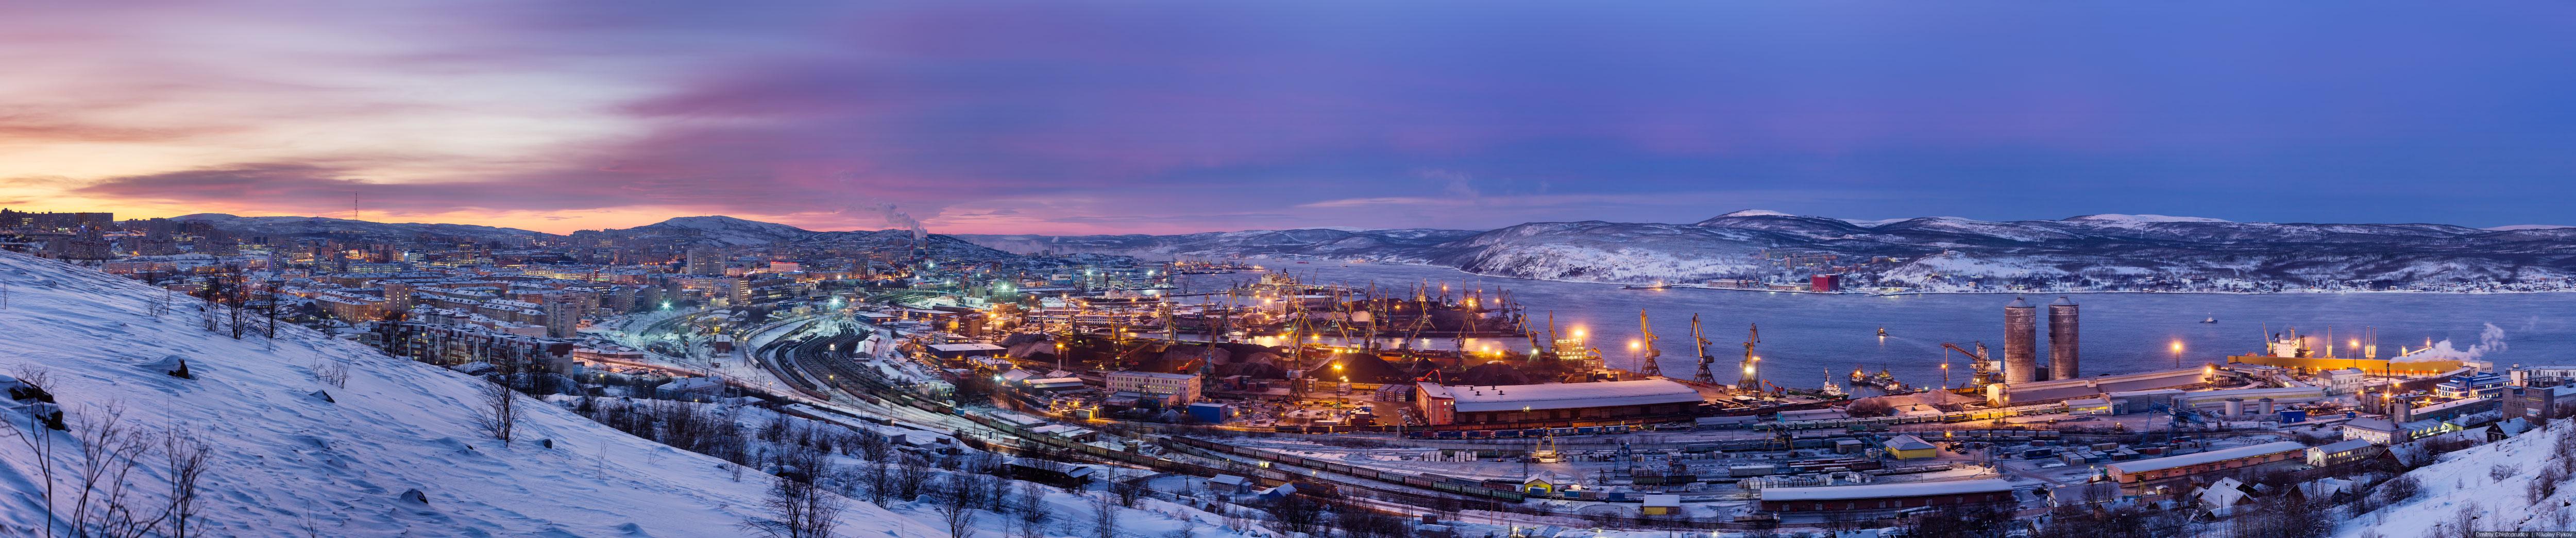 Фотоснимки панорама города мурманска